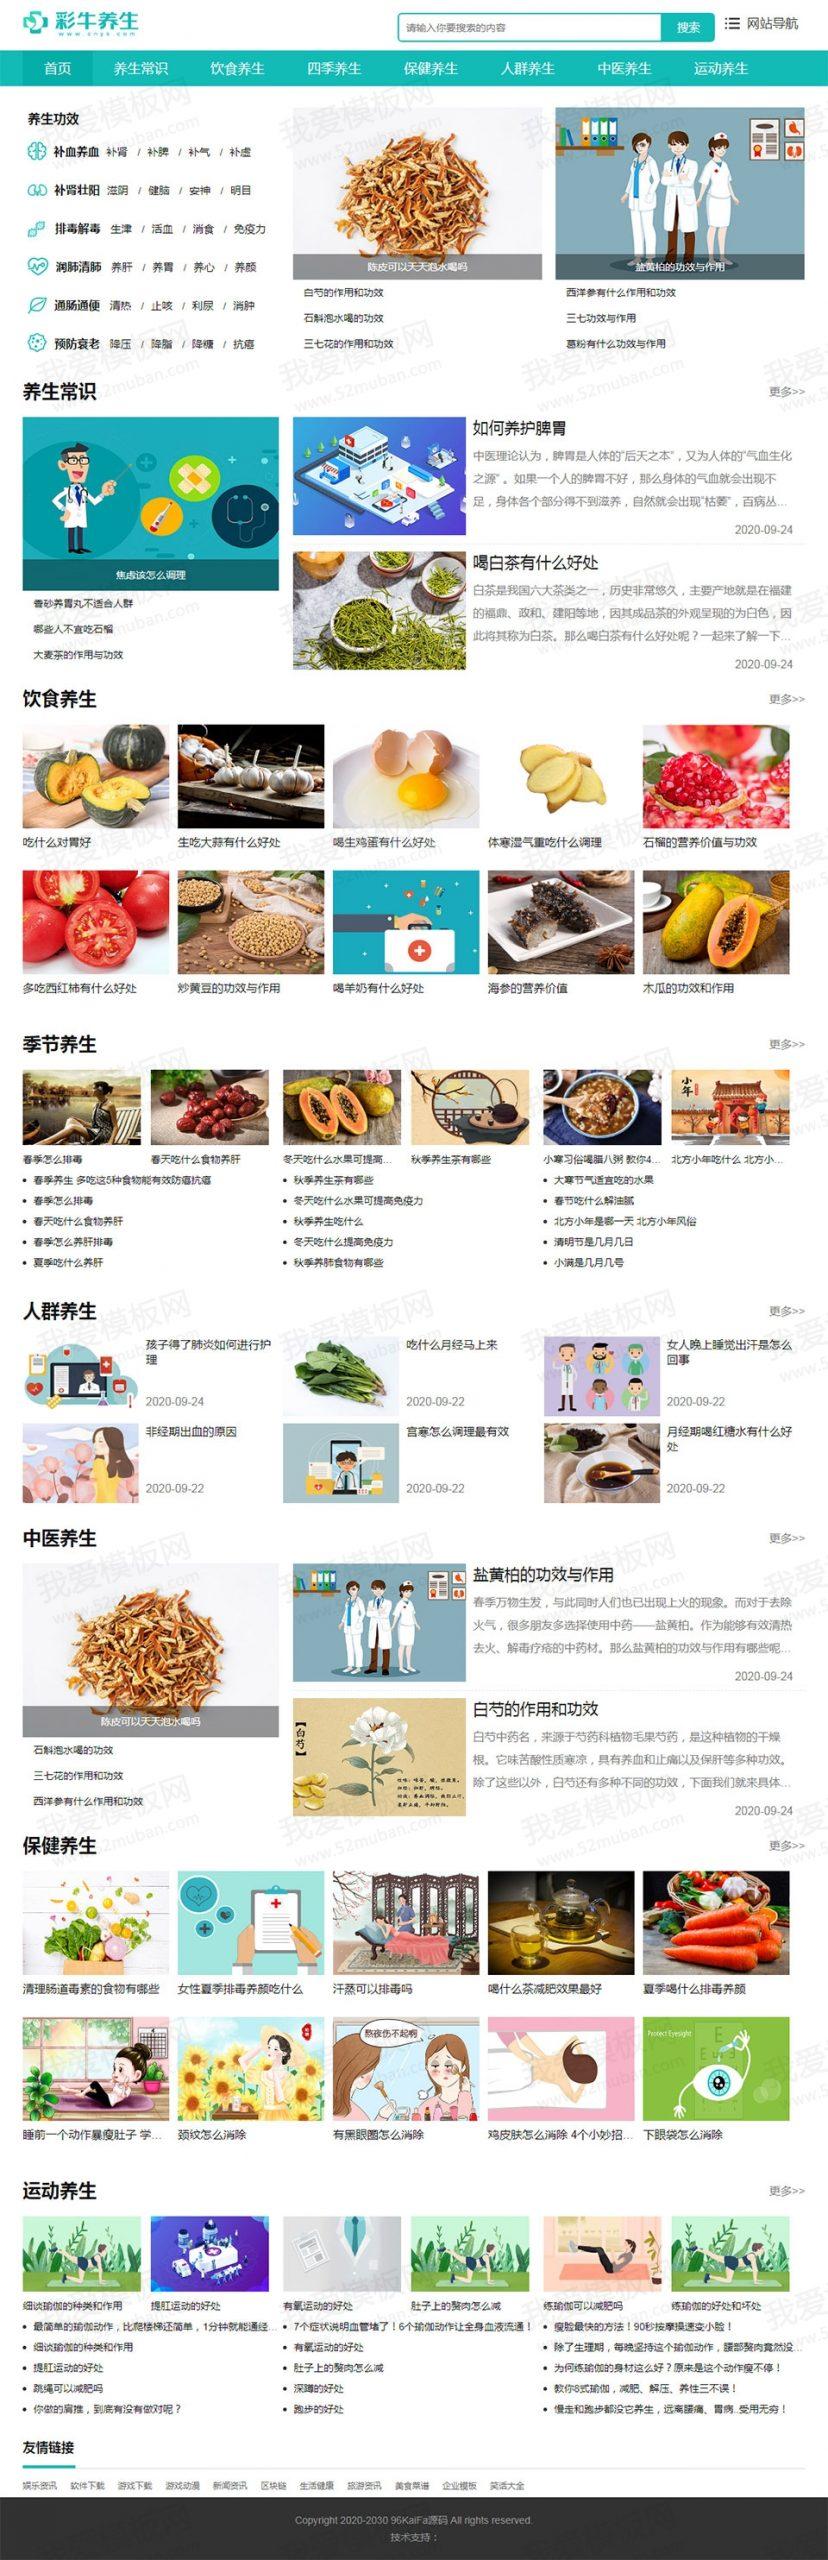 仿《彩牛养生-优化版》源码 两性健康养生网站模板+带手机版